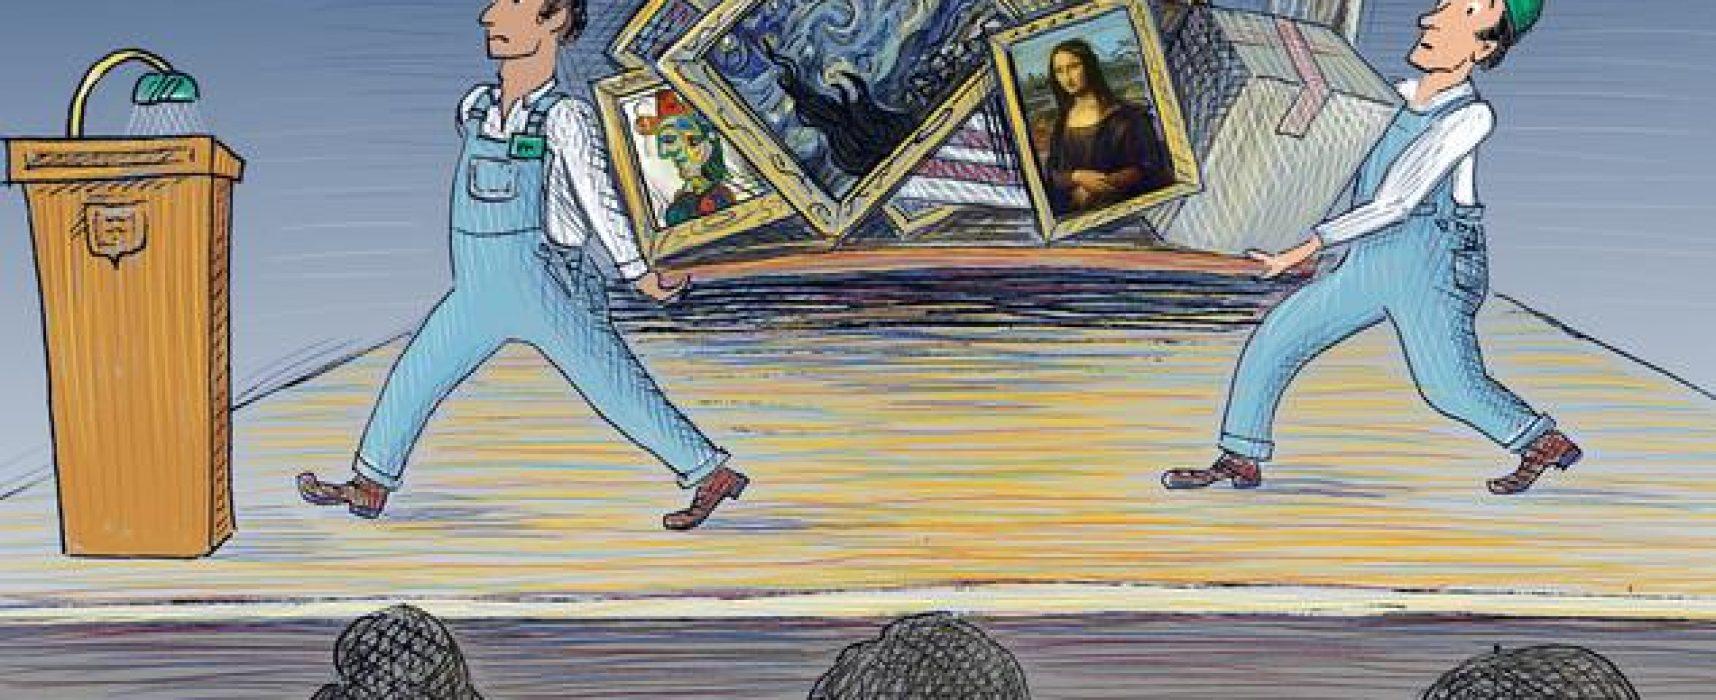 Фейк «Вестей недели»: У Йєлі скасували курс історії європейського мистецтва, оскільки він занадто білий і гетеросексуальний